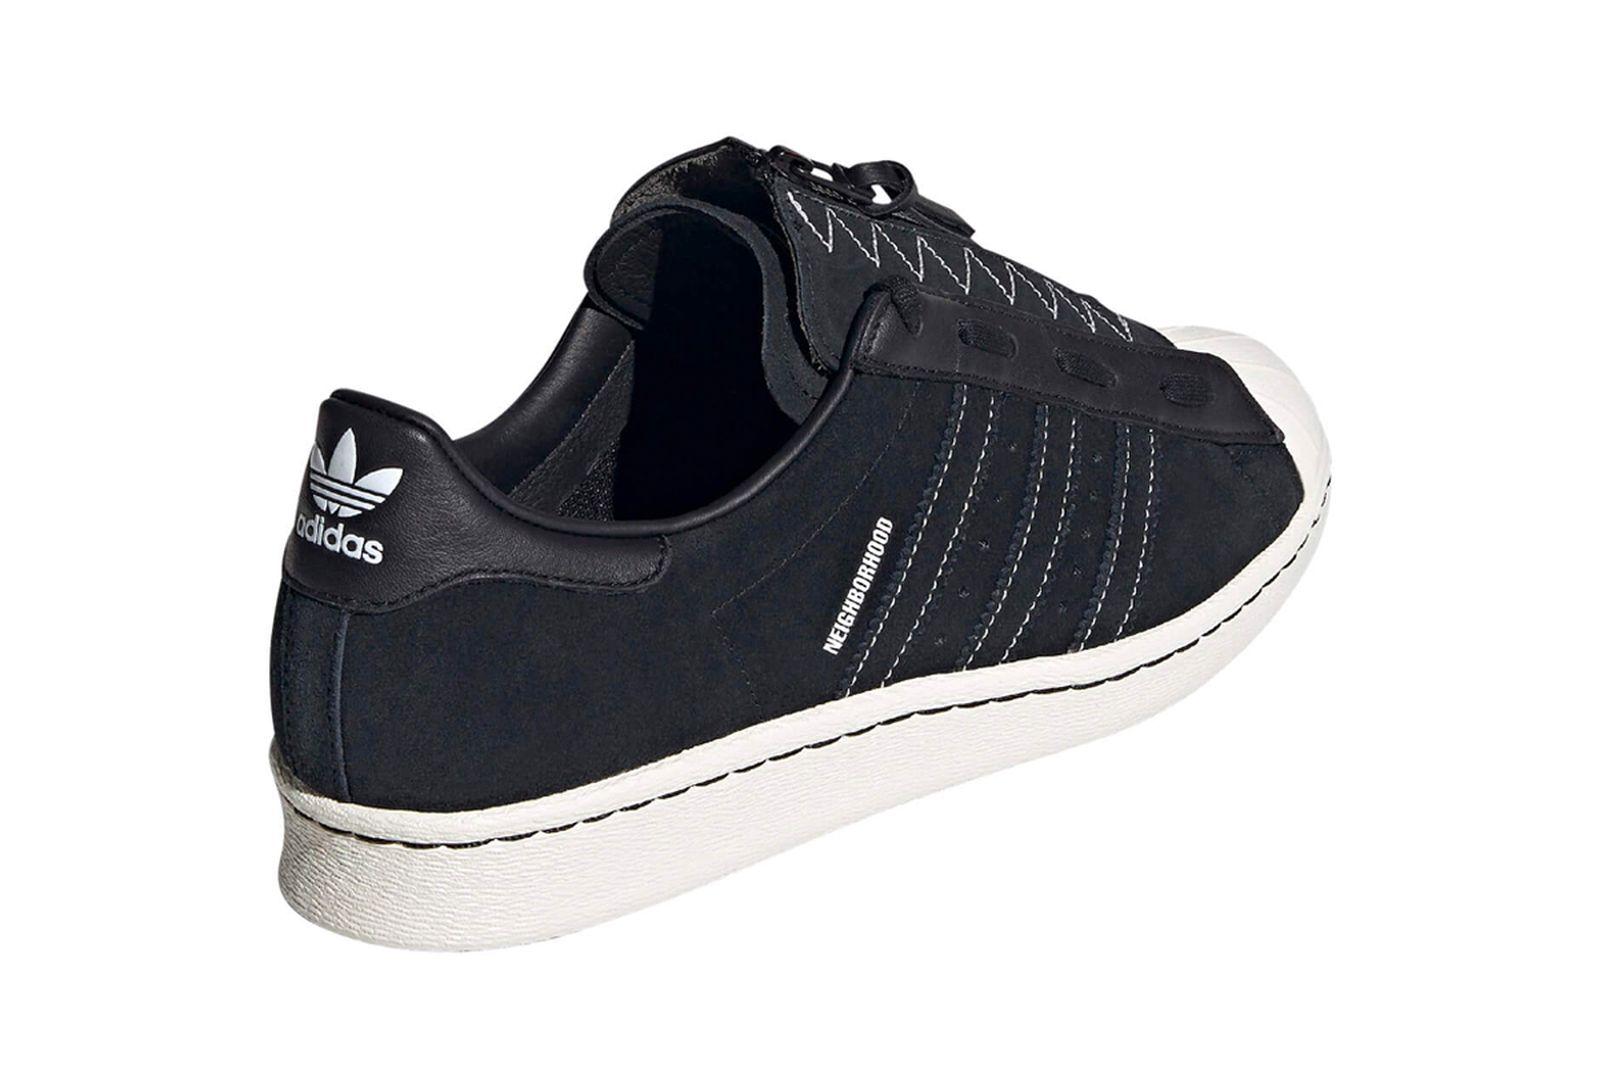 neighborhood-adidas-originals-superstar-80s-release-info-04